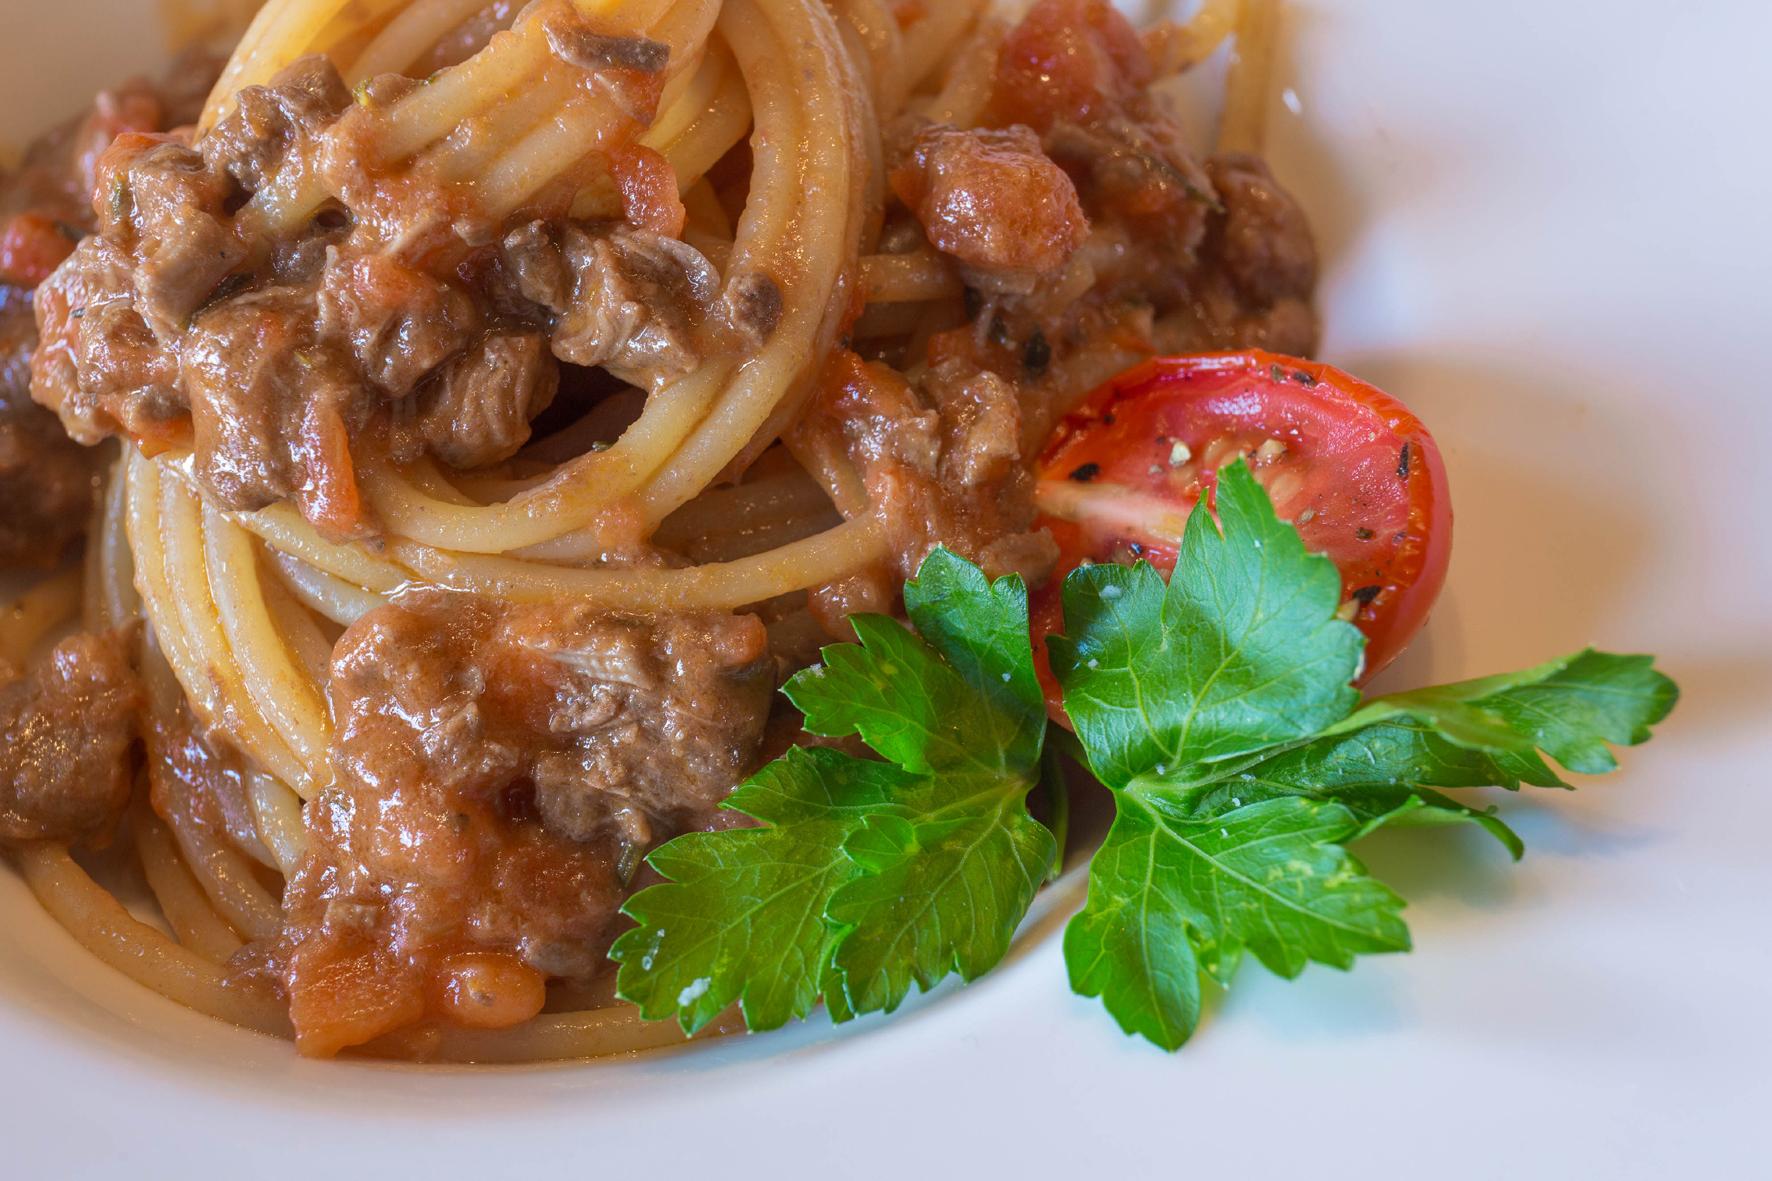 Pasta al ragu, 95 at Morgenster sonia cabano blig eatdrinkcapetown